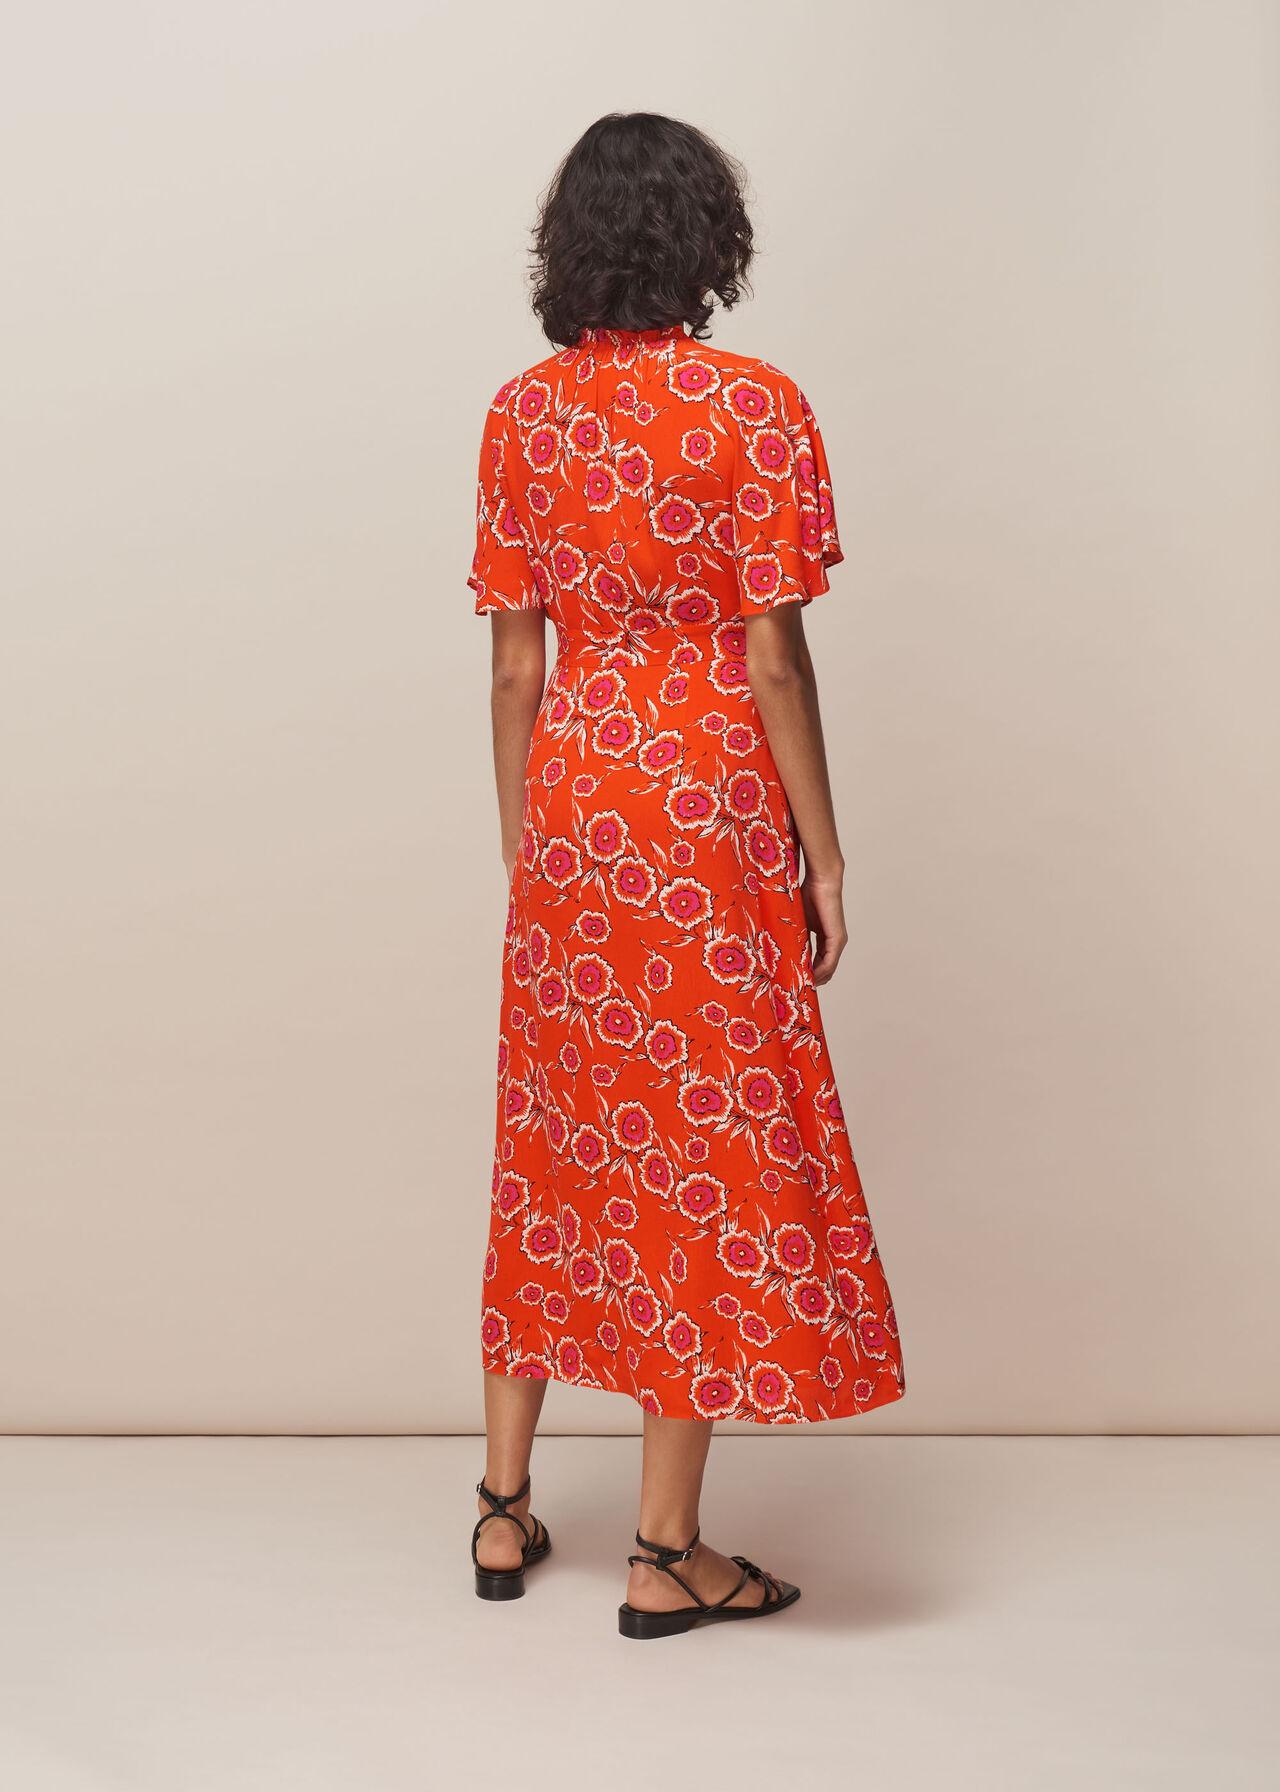 Ella Diagonal Floral Dress Red/Multi